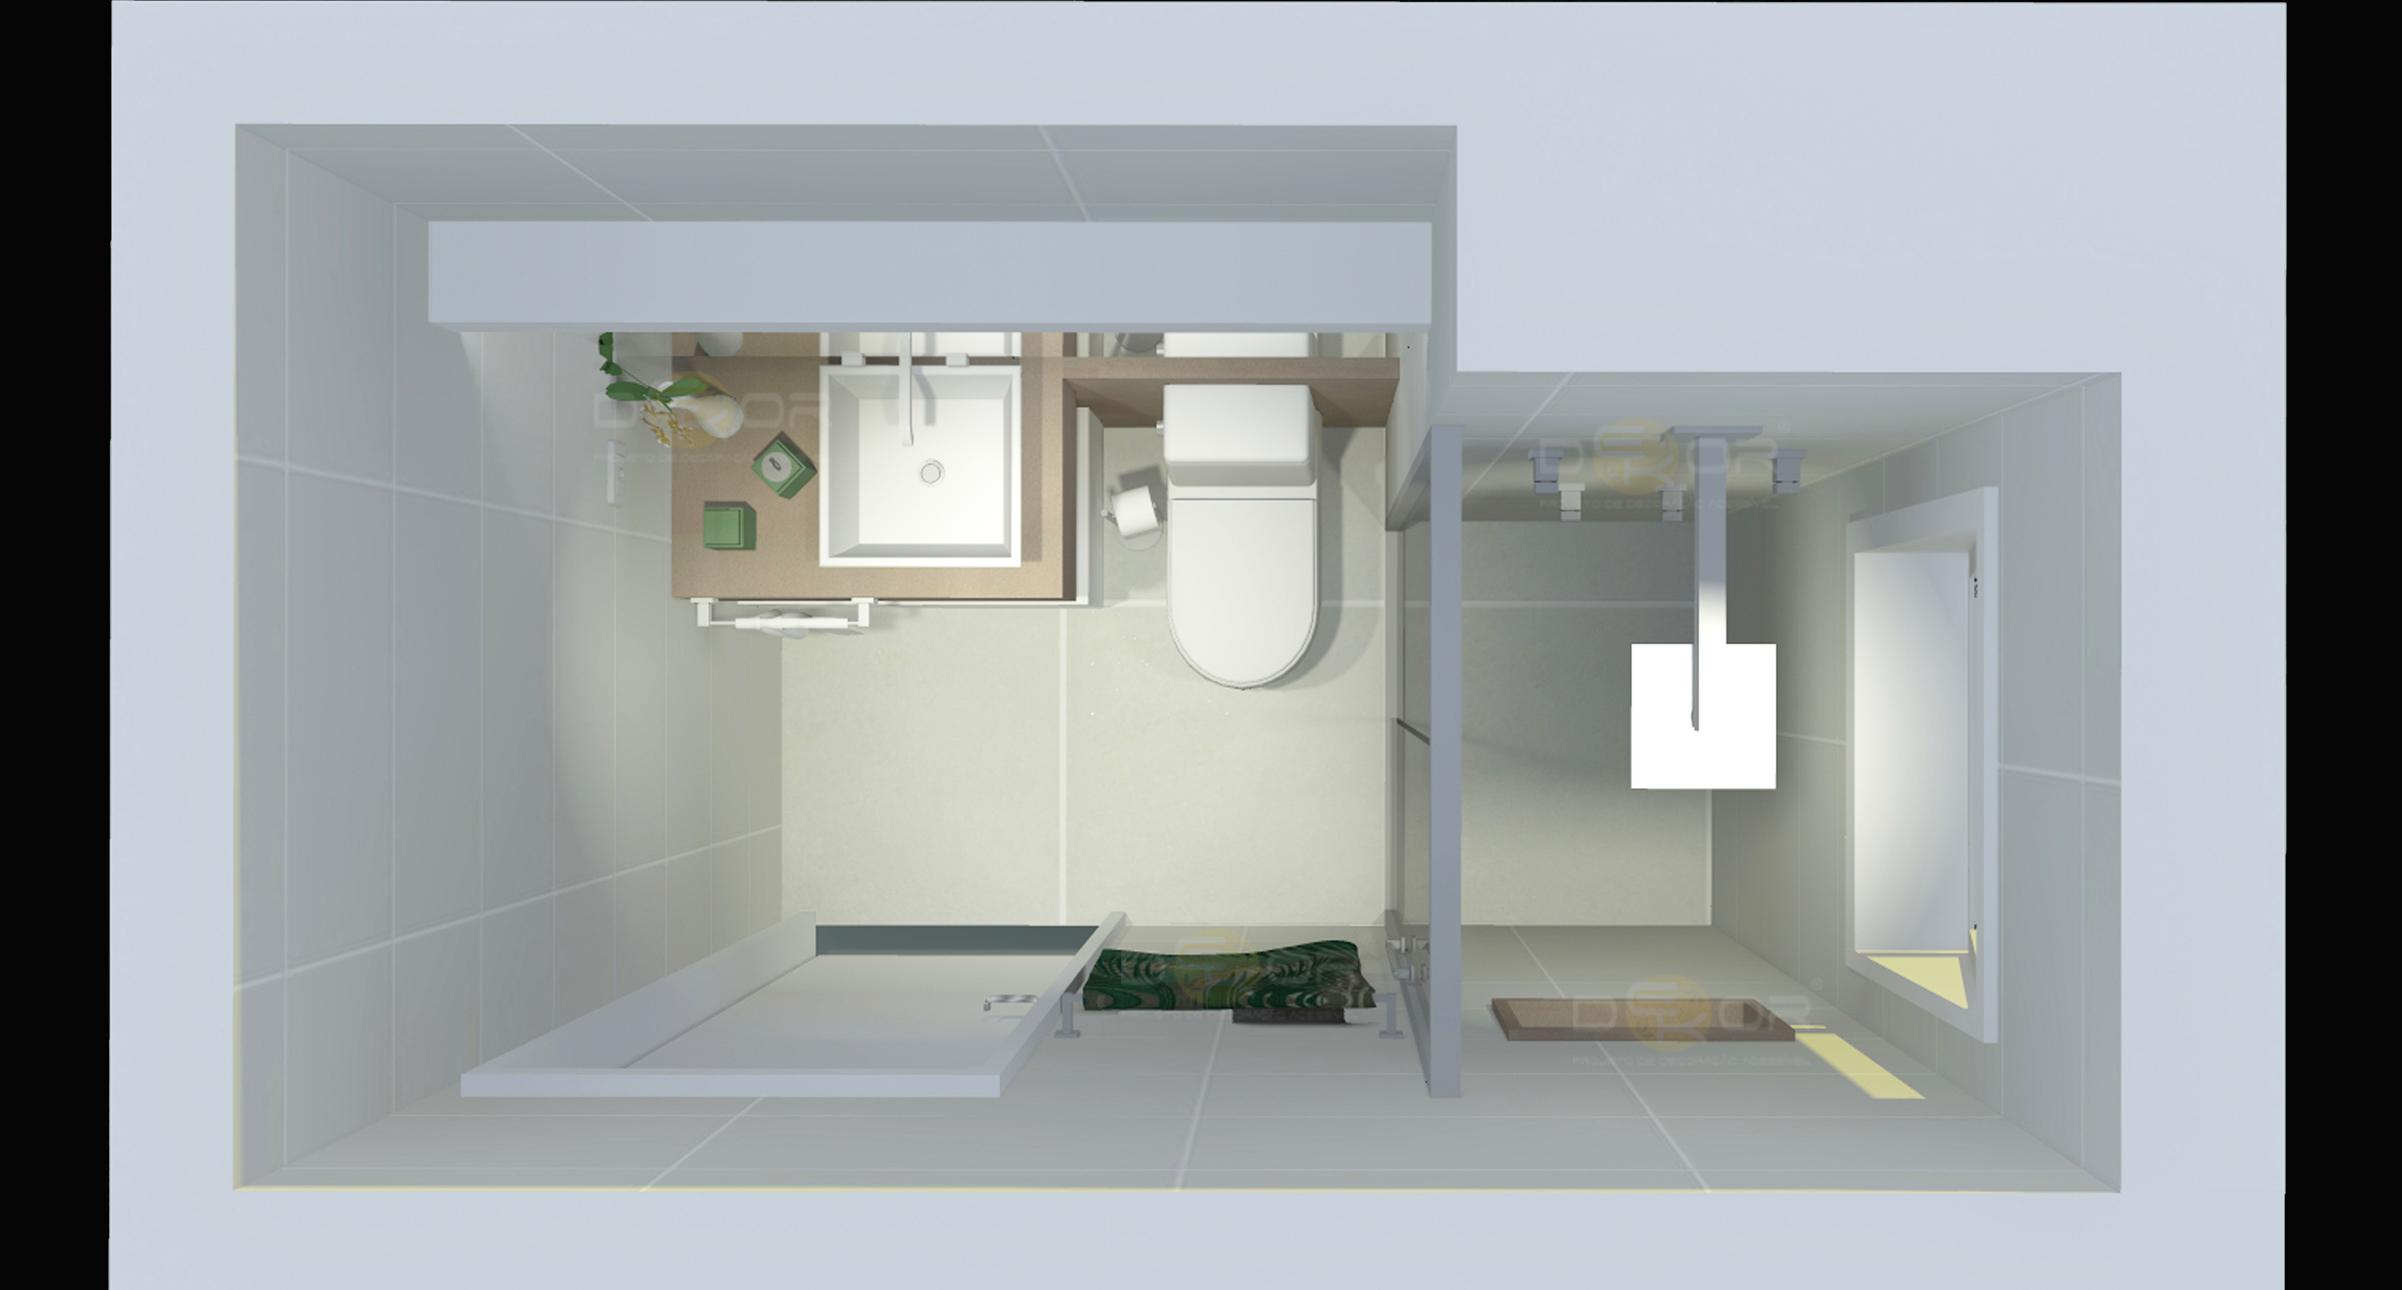 05/03/2014 2402 × 1290 Projeto de Banheiro – Decoração Online #20 #796B52 2402 1290